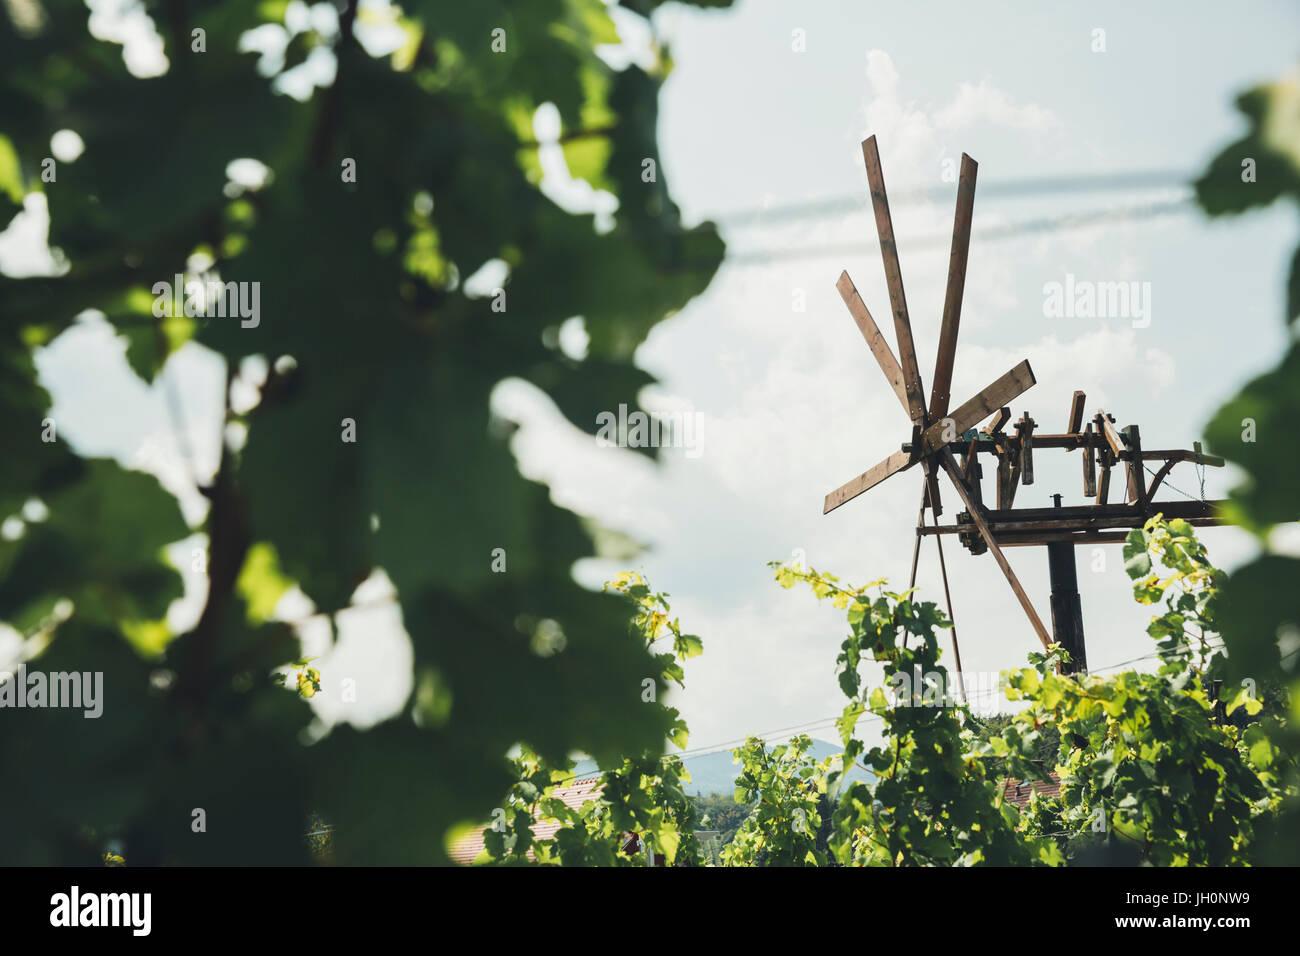 Klapotetz, südsteirische Weinstraße, Südsteiermark, Österreich - Stock Image